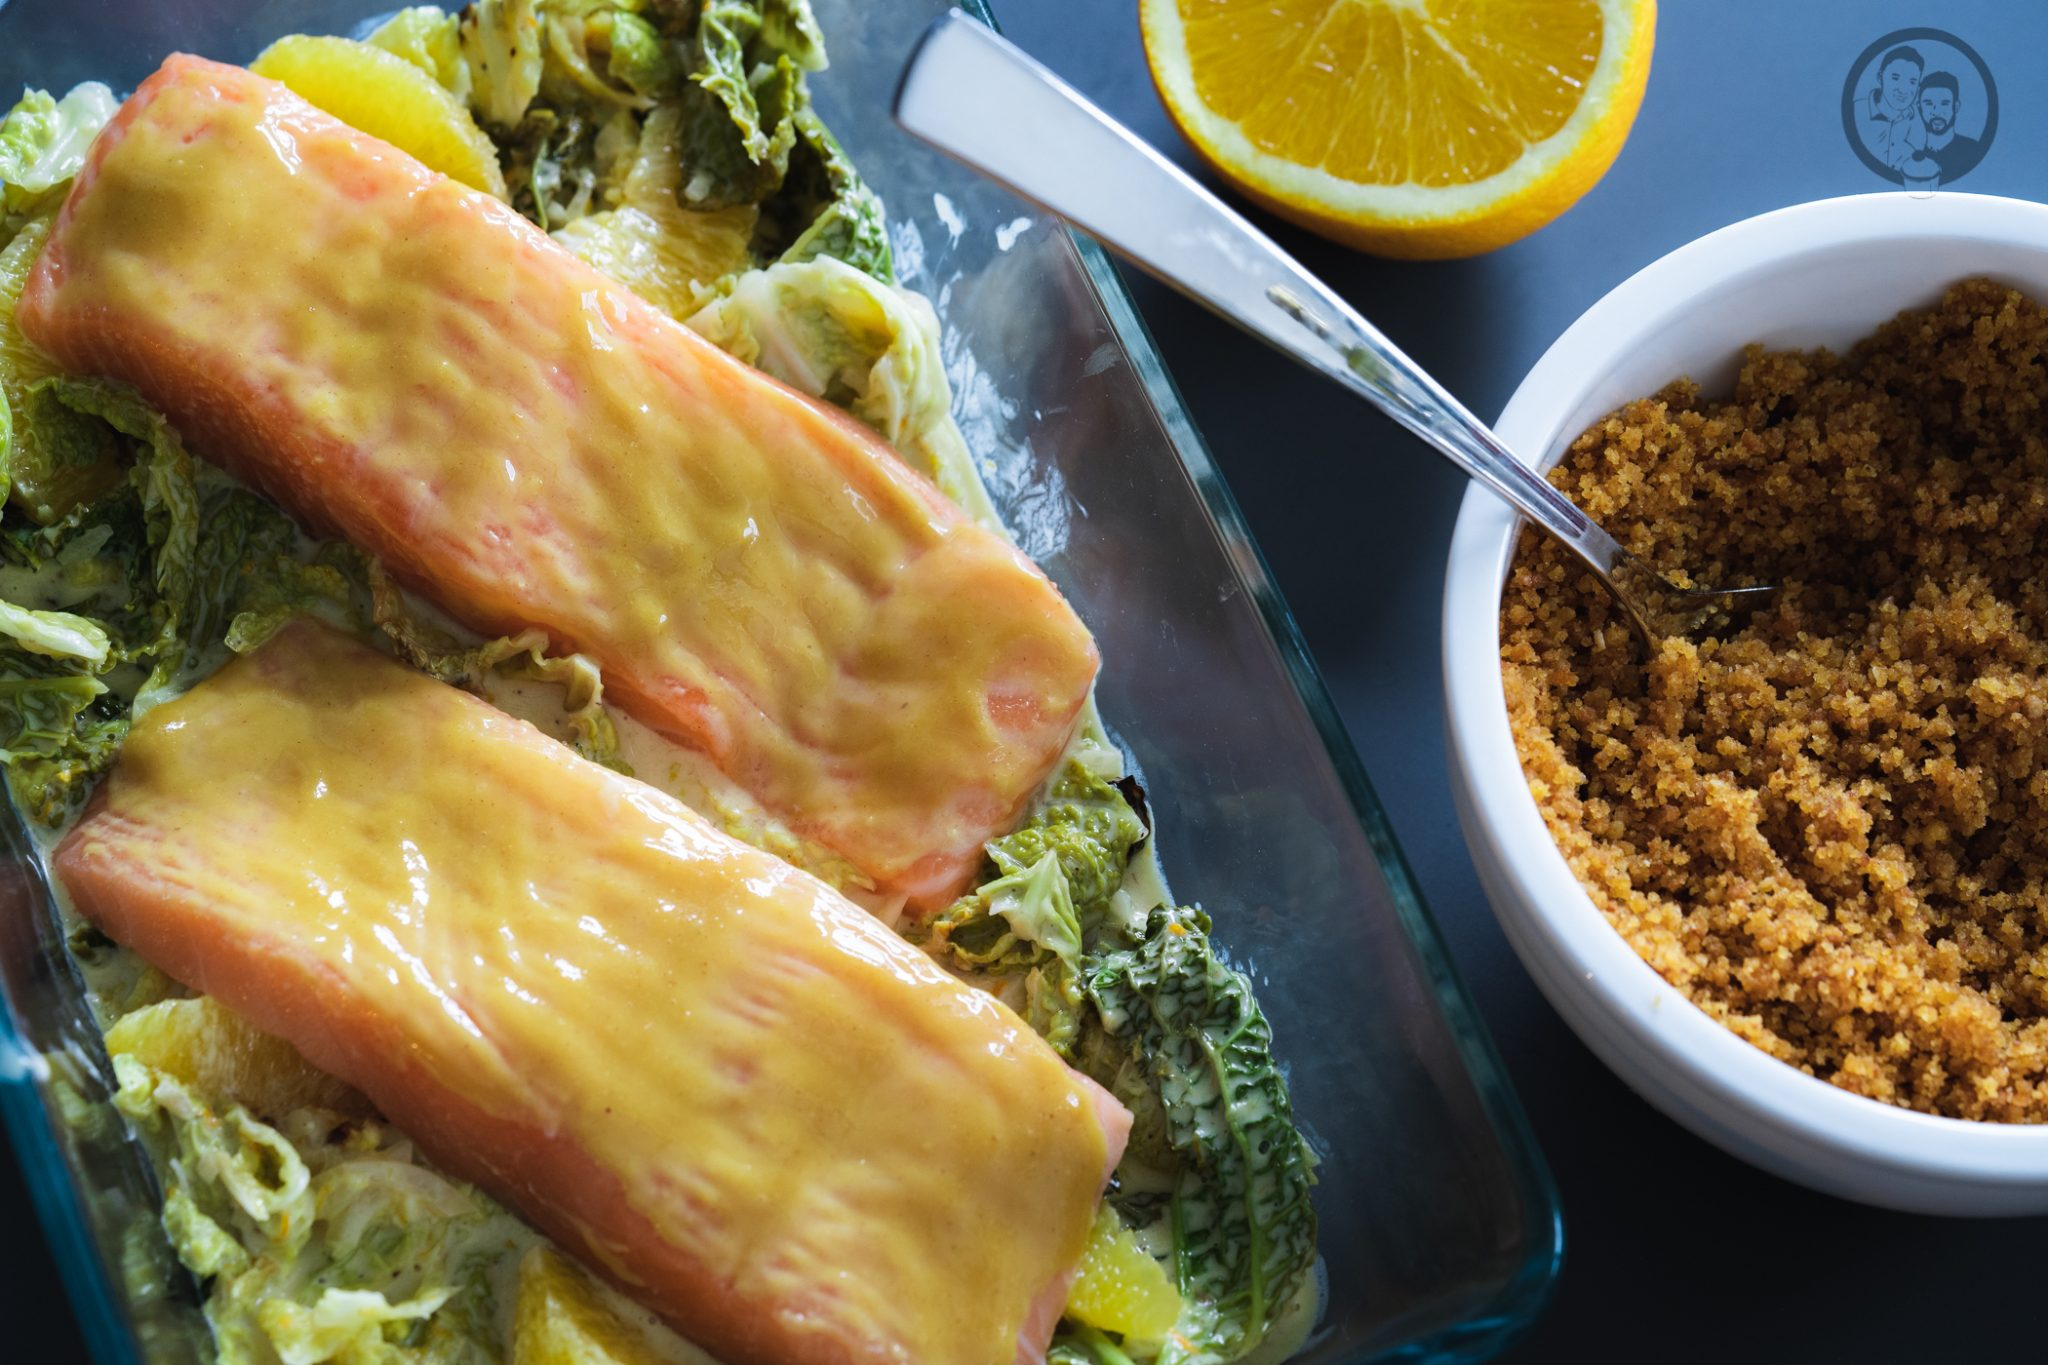 Lachs mit Lebkuchenkruste 2 | Wenn es um Fisch oder Meeresfrüchte geht, sind wir beide ja immer mit dabei. Wir mögen so gut wie jede Zubereitungsart. Ob gedämpft, gegrillt oder im Ofen gebacken. Daher freuen wir uns immer wieder sehr darüber, wenn wir ein neues Fischrezept vorstellen können. Heute geht es bei uns um ein leckeres Lachsfilet.